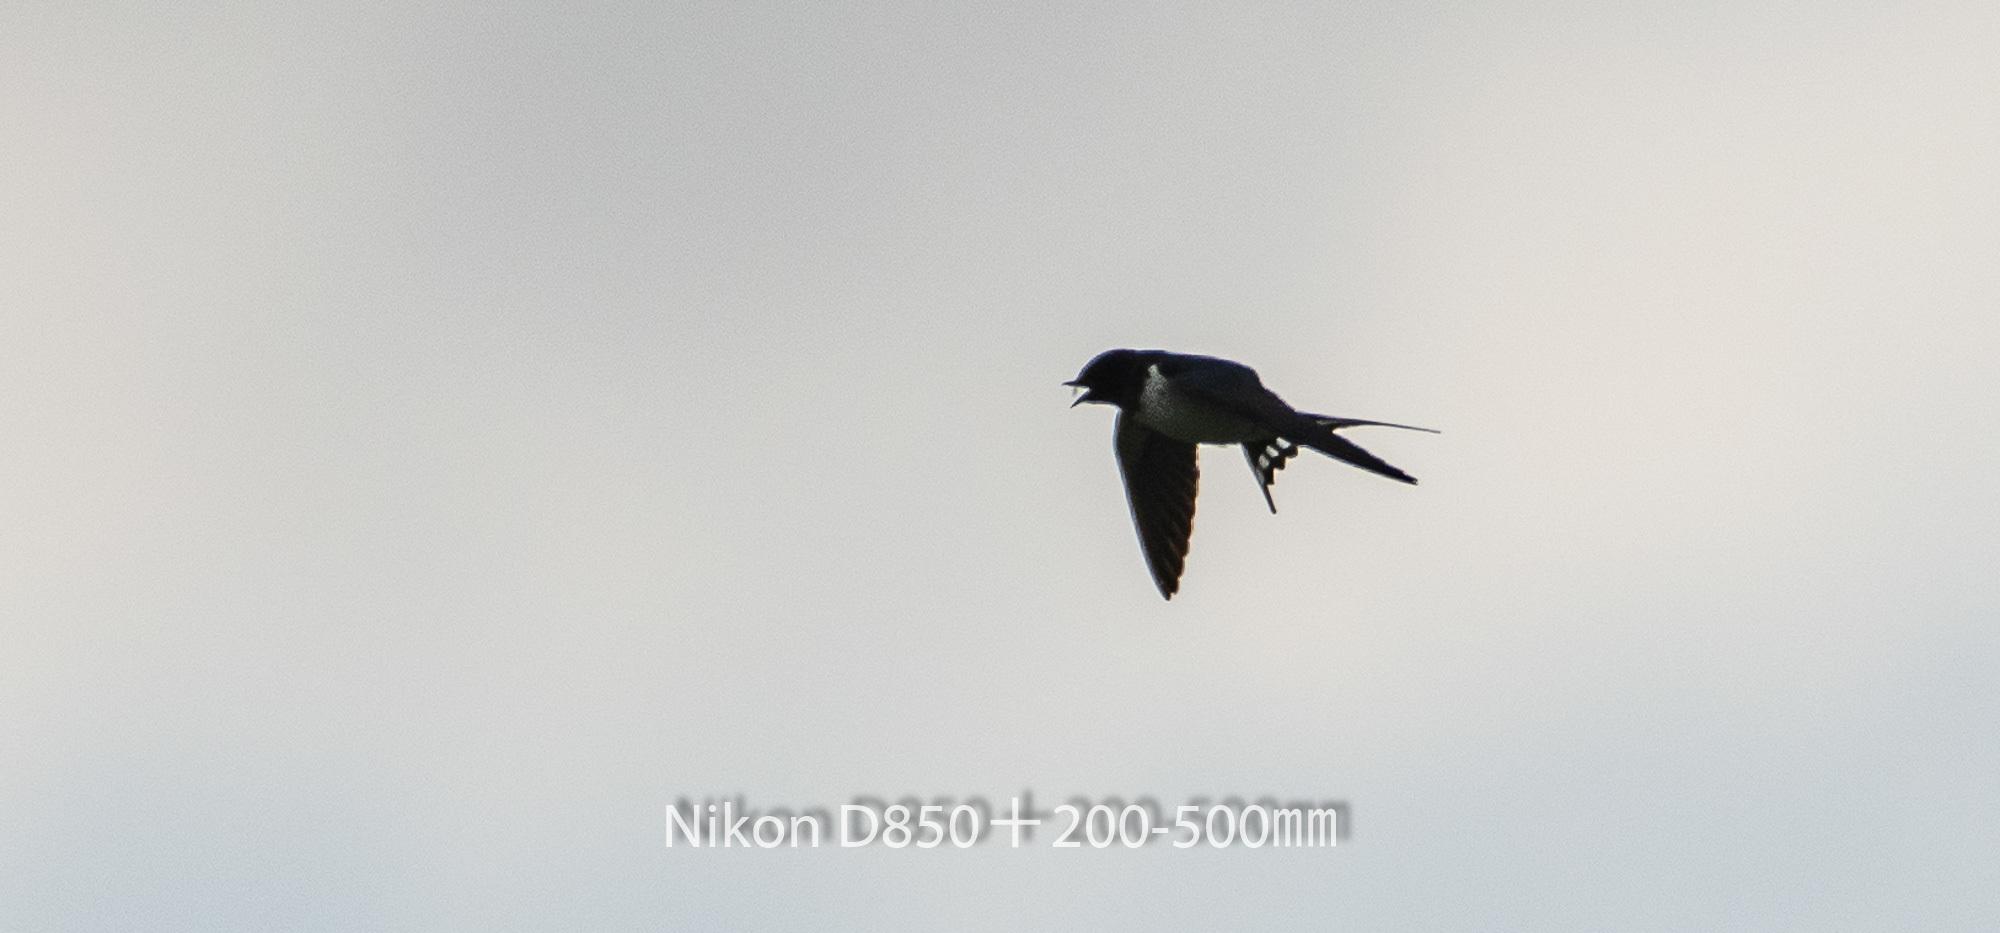 190331 ツバメ-03 NIKON D850 ISO 80 500 mm 1627 x 759